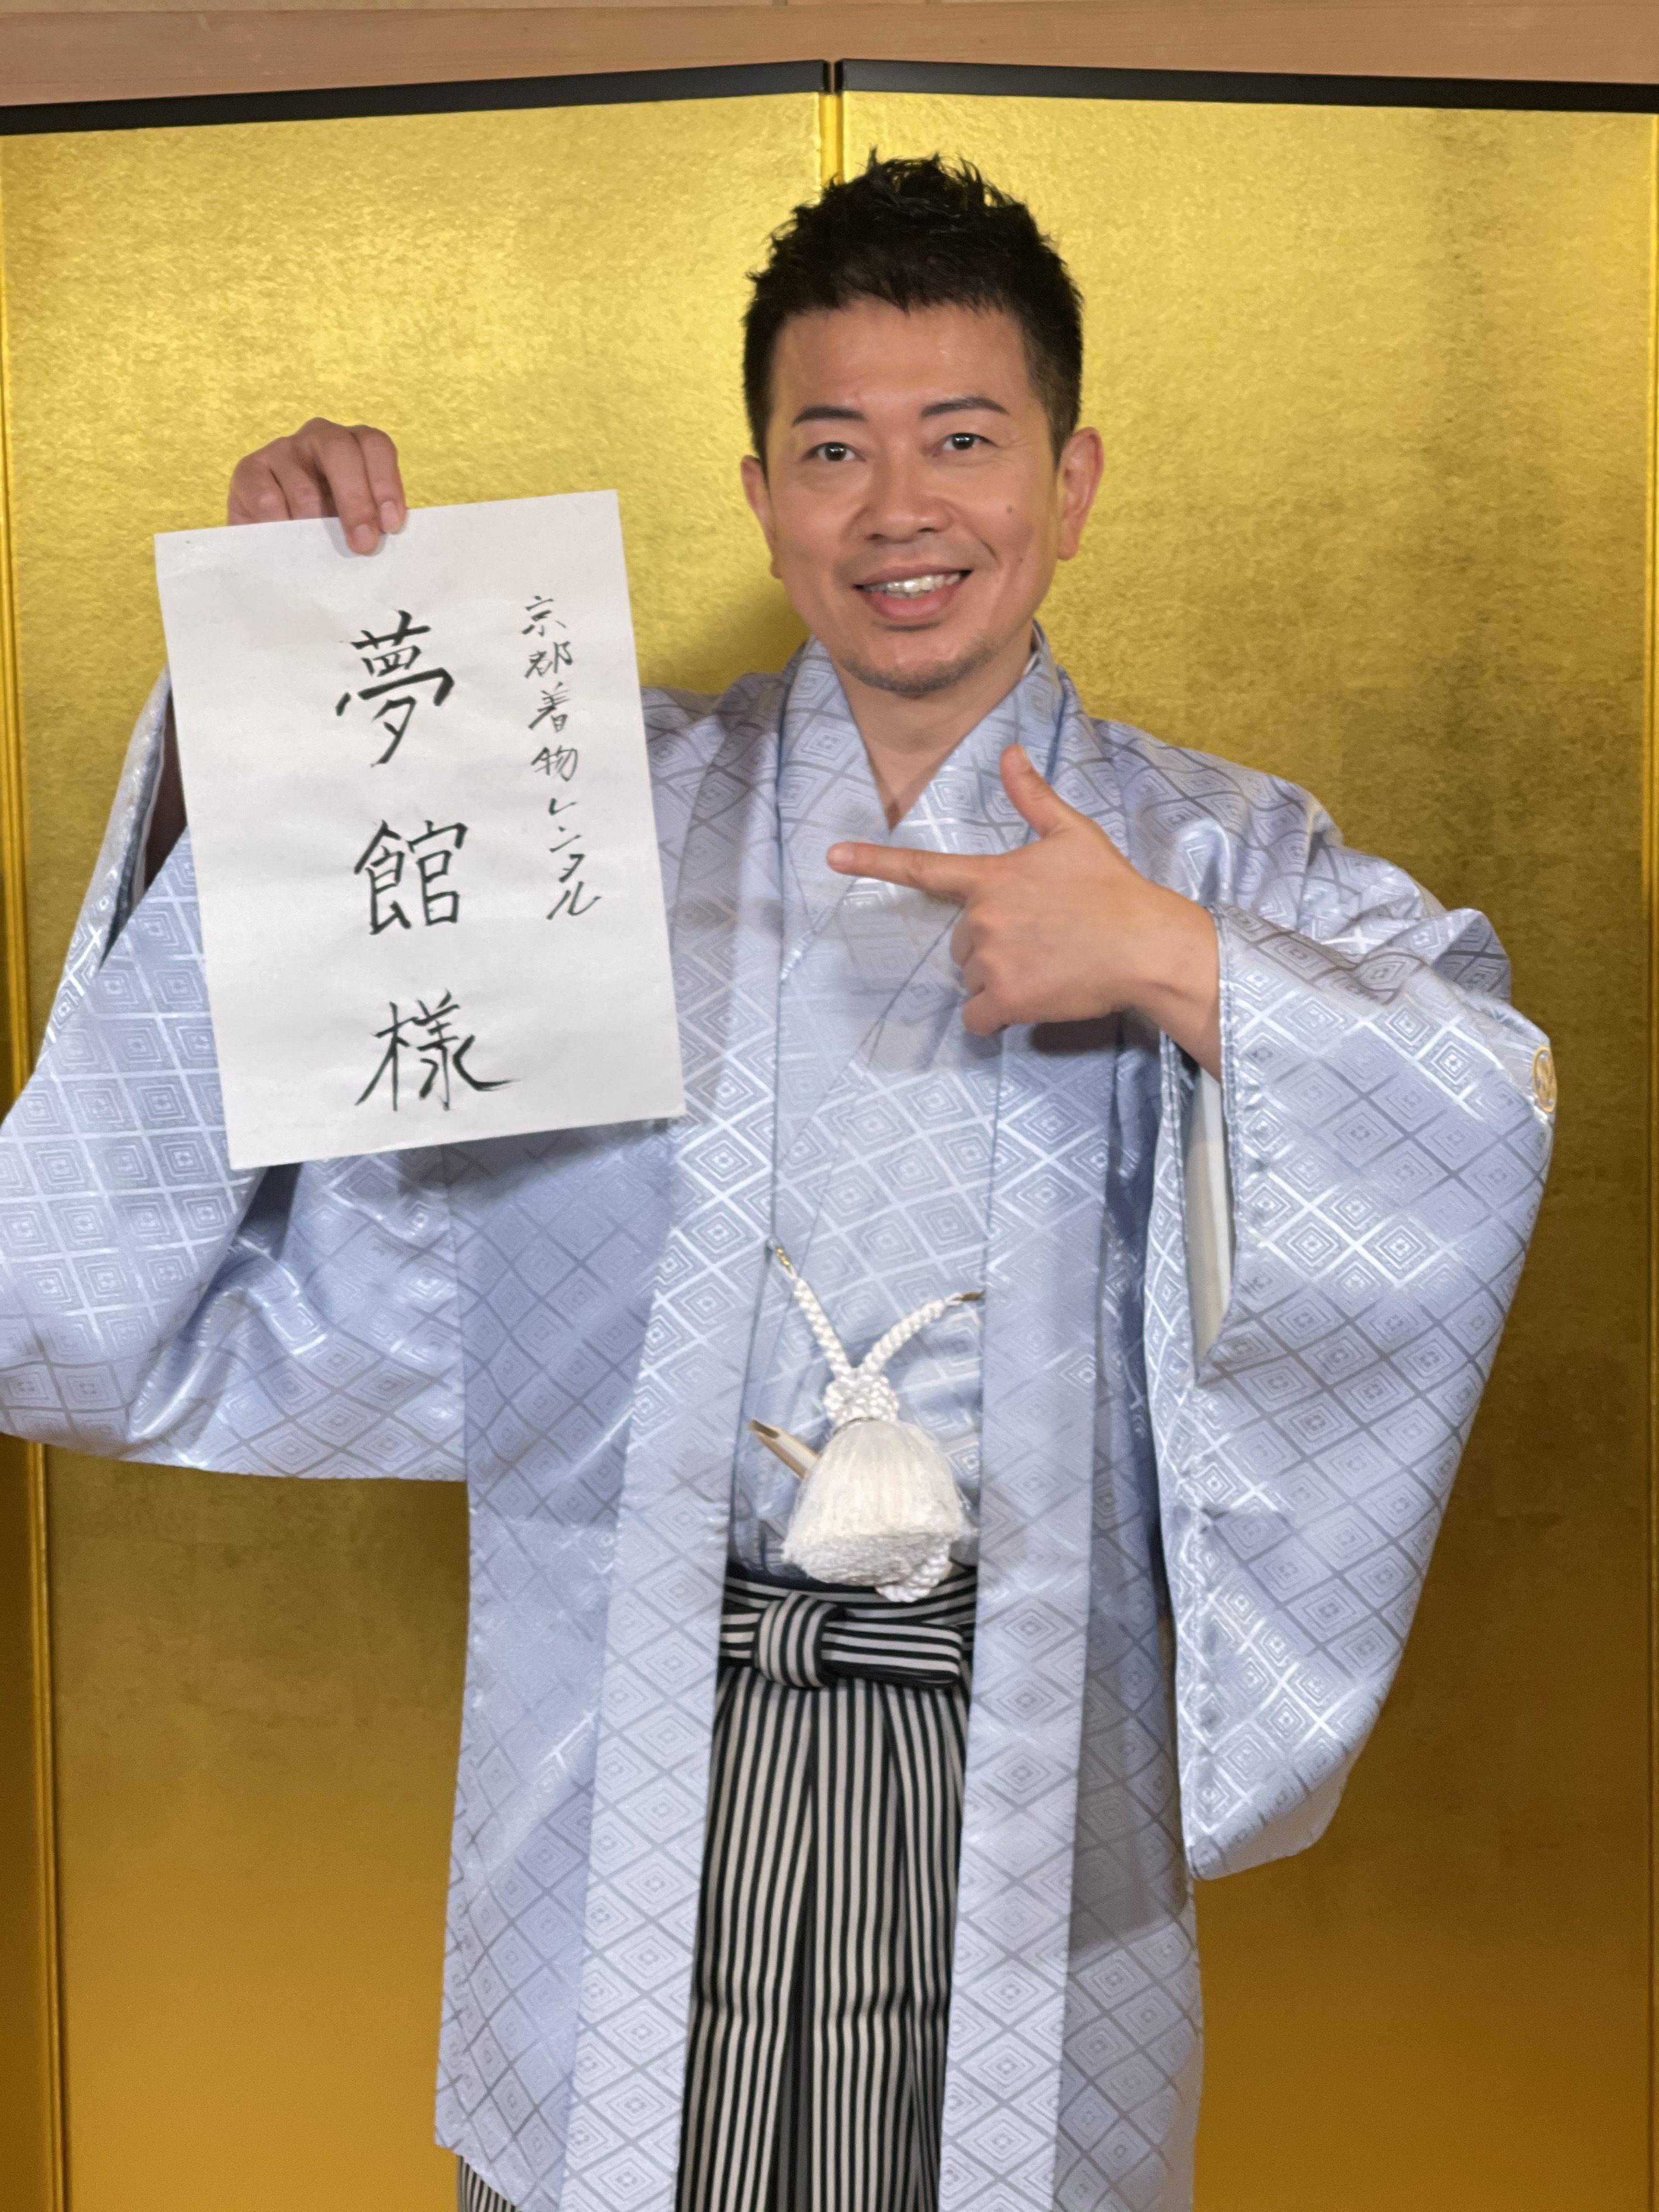 YouTubeチャンネル宮迫ですッ!【宮迫博之】宮迫博之さんに衣裳提供致しました!!